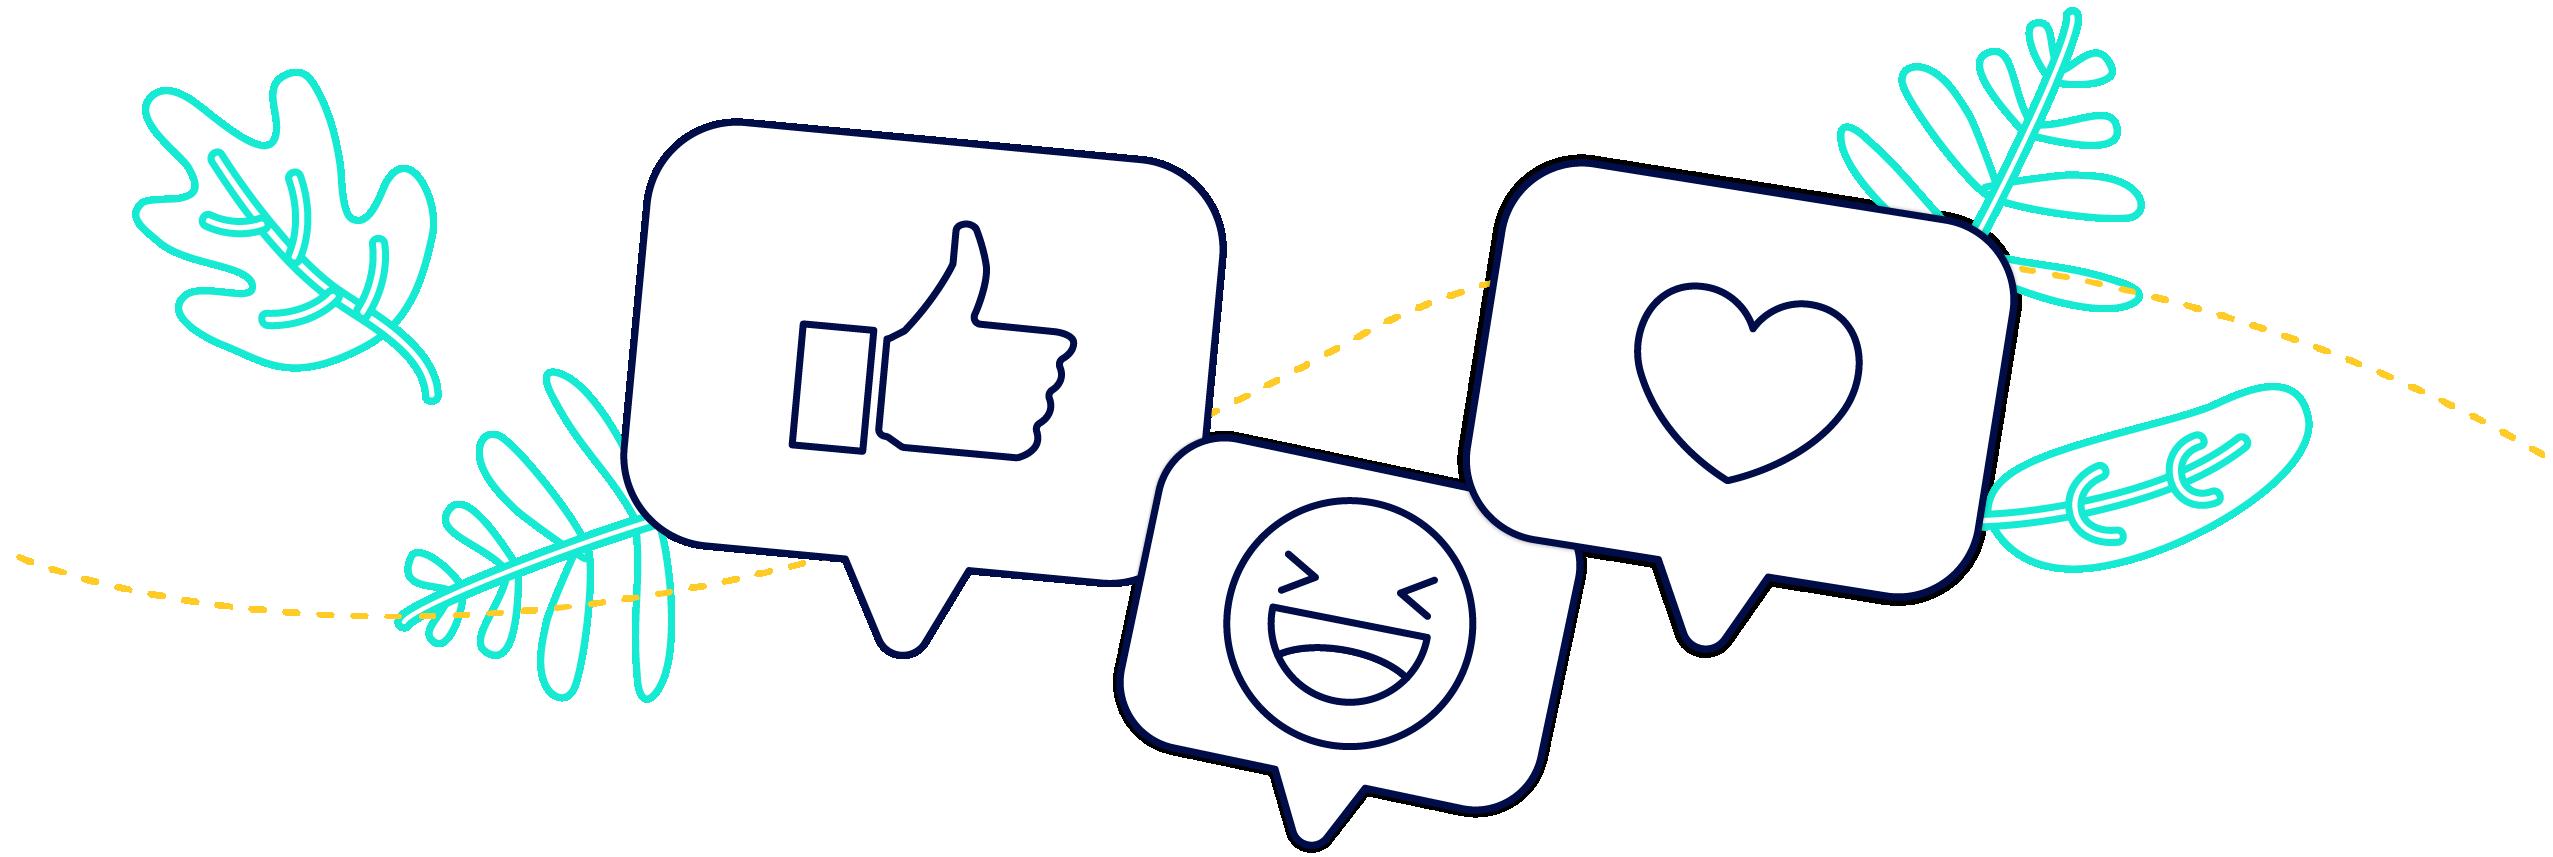 Articulate - 01-15 eye-opening B2B social media statistics - Social media for B2B marketing-01